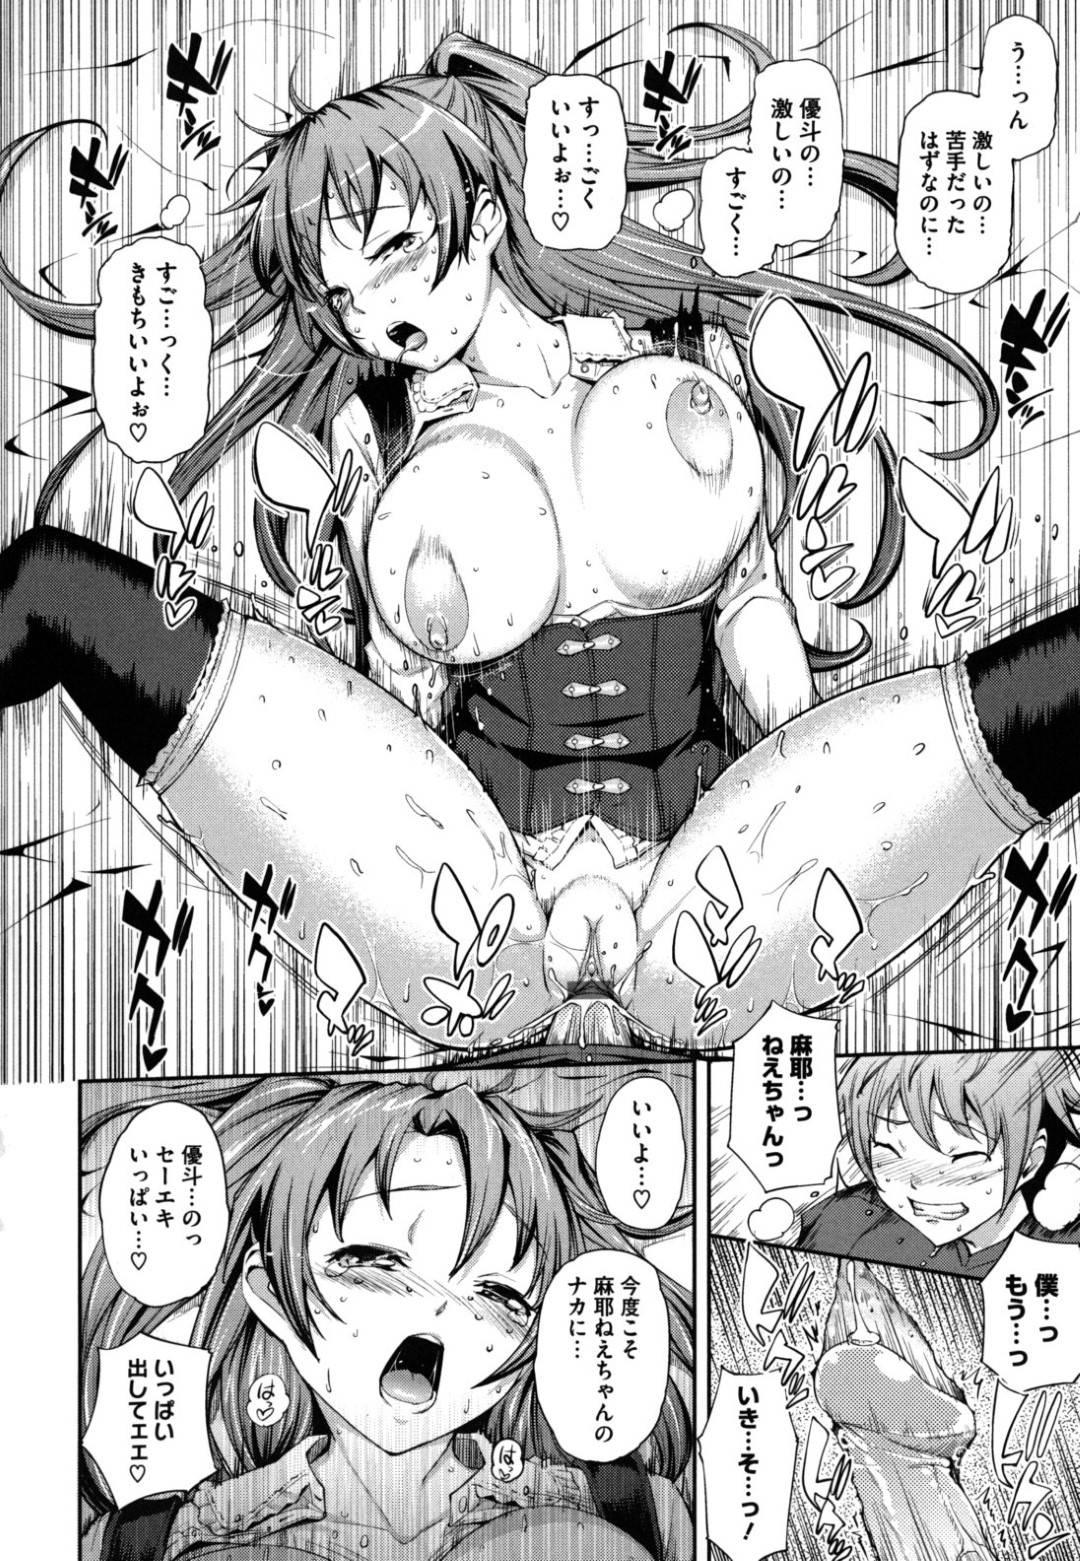 【エロ漫画】チンコに興味津々で手コキ奉仕をおこなうロリ少女…射精ではなく我慢汁であることを知って本番セックスでイキ狂い!【Kima-gray:僕の私のシたいH!】